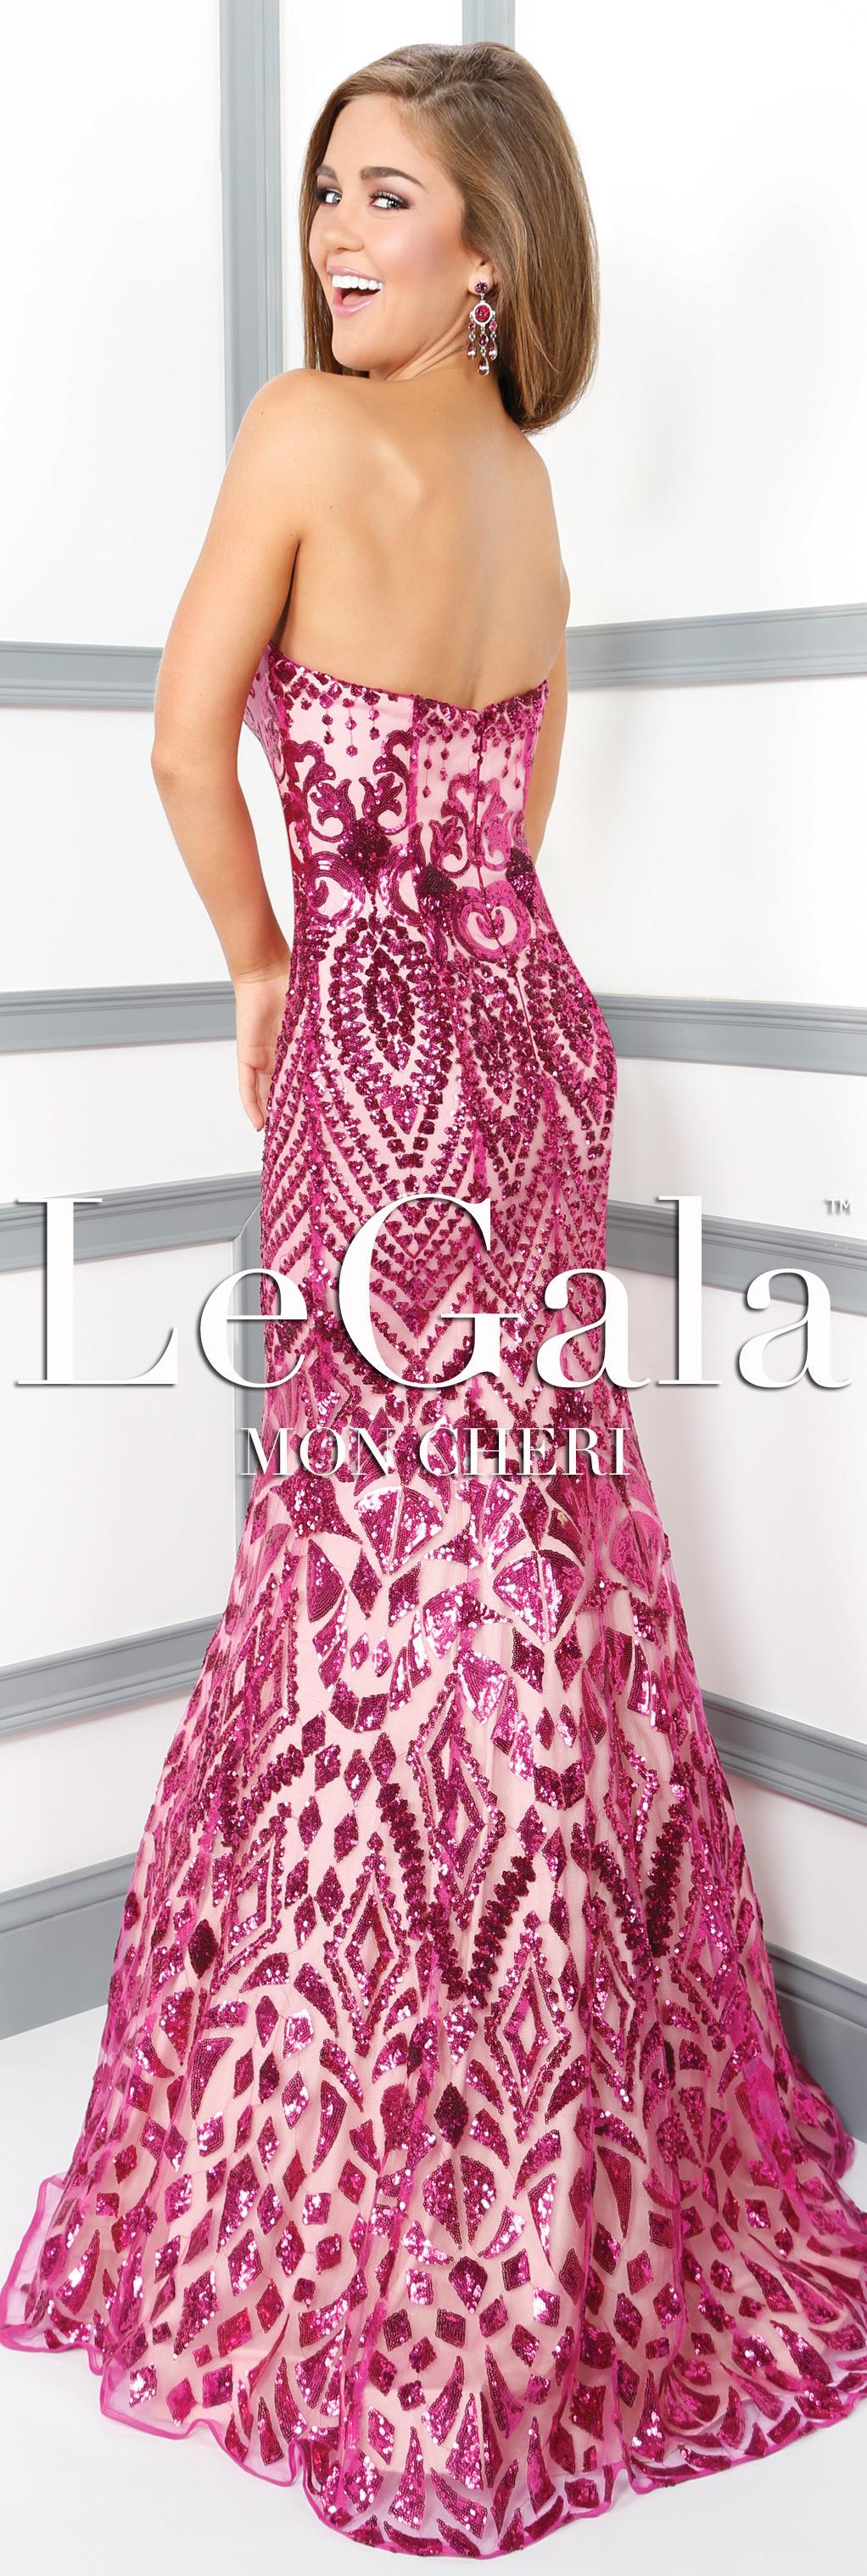 Hermosa Vestido De Fiesta Conservador Motivo - Colección del Vestido ...